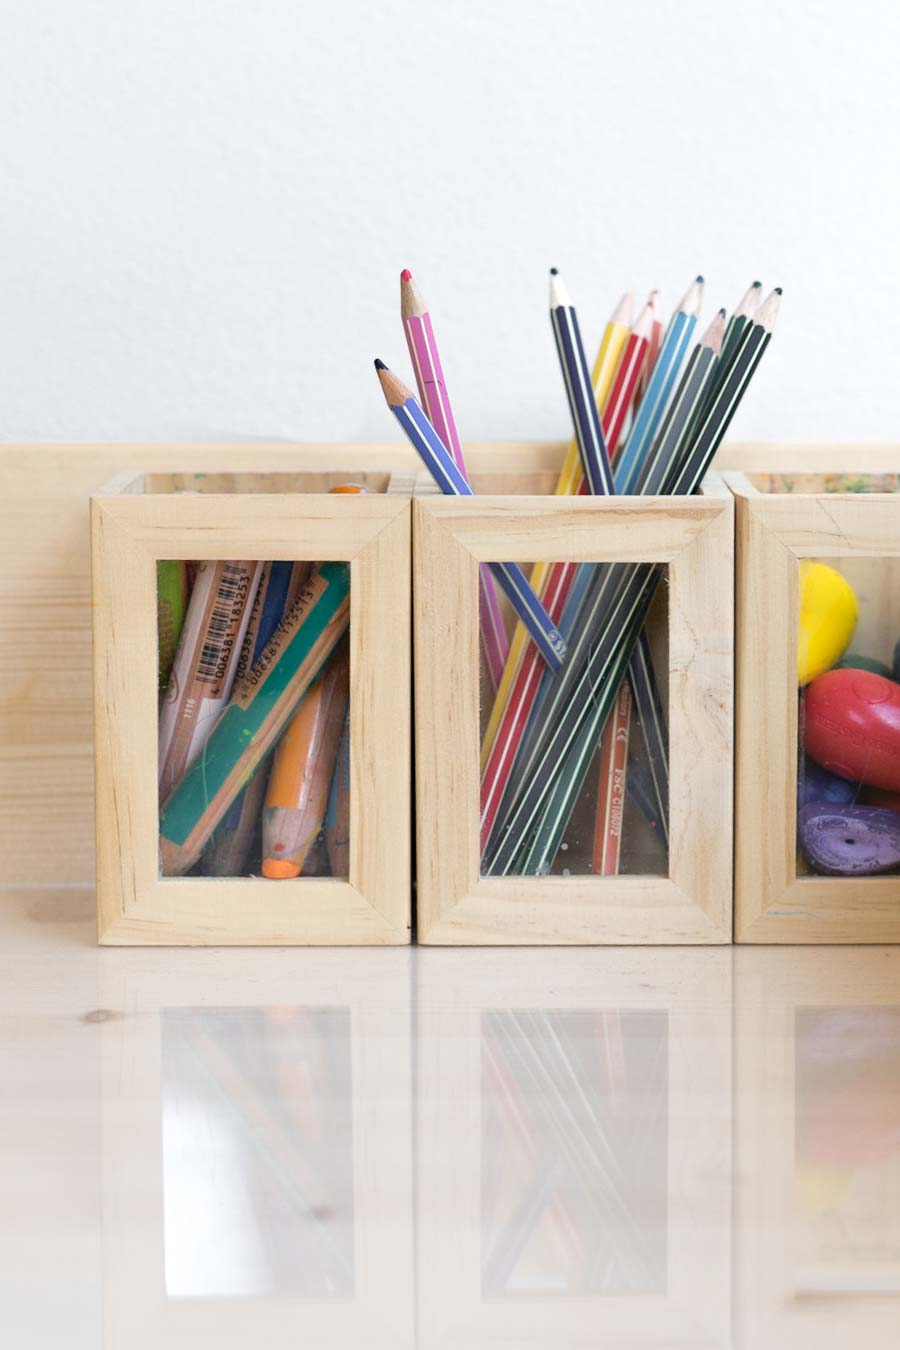 """Ordnung und ansprechende Präsentation machen Kindern Lust kreativ zu werden. // Aus dem Artikel """"7 Tipps, wie man ein Montessori Kinderzimmer einrichten kann, auch mit einem knappen Budget"""" Alles Ideen, die ihr sofort umsetzen könnt: www.chezmamapoule.com #montessori #vorbereiteteumgebung #montessorizuhause"""